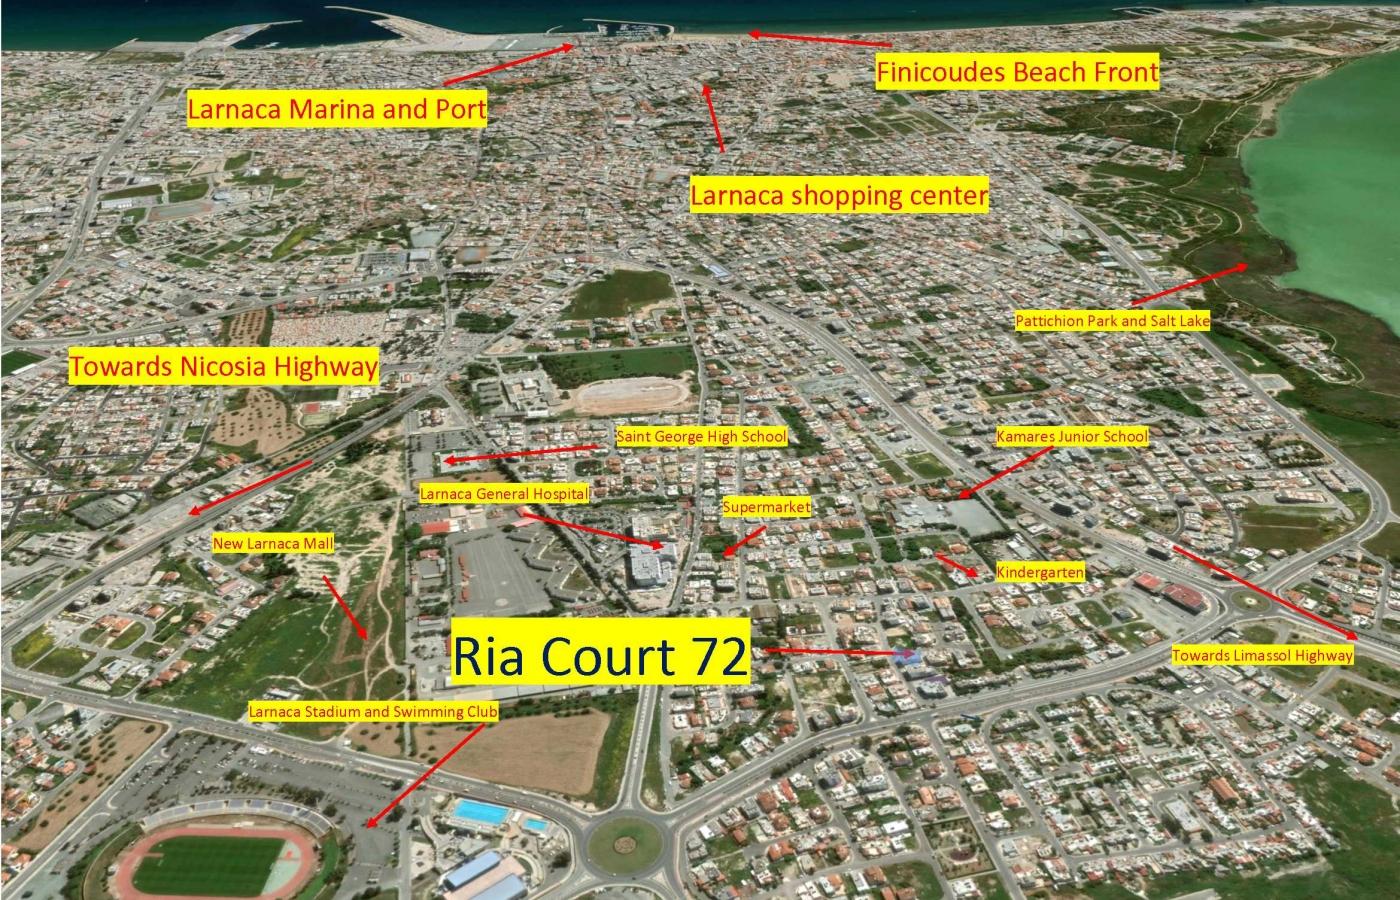 Ria Court 72